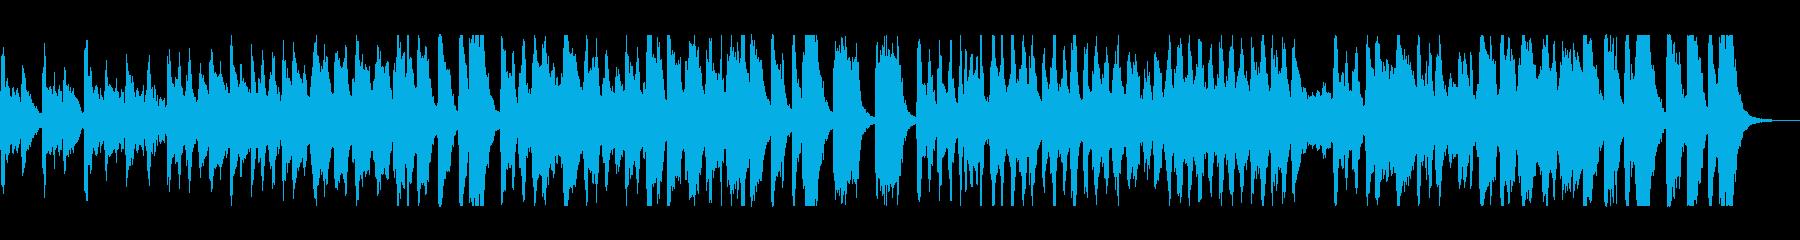 ハロウィン風ミステリアスなオーケストラの再生済みの波形